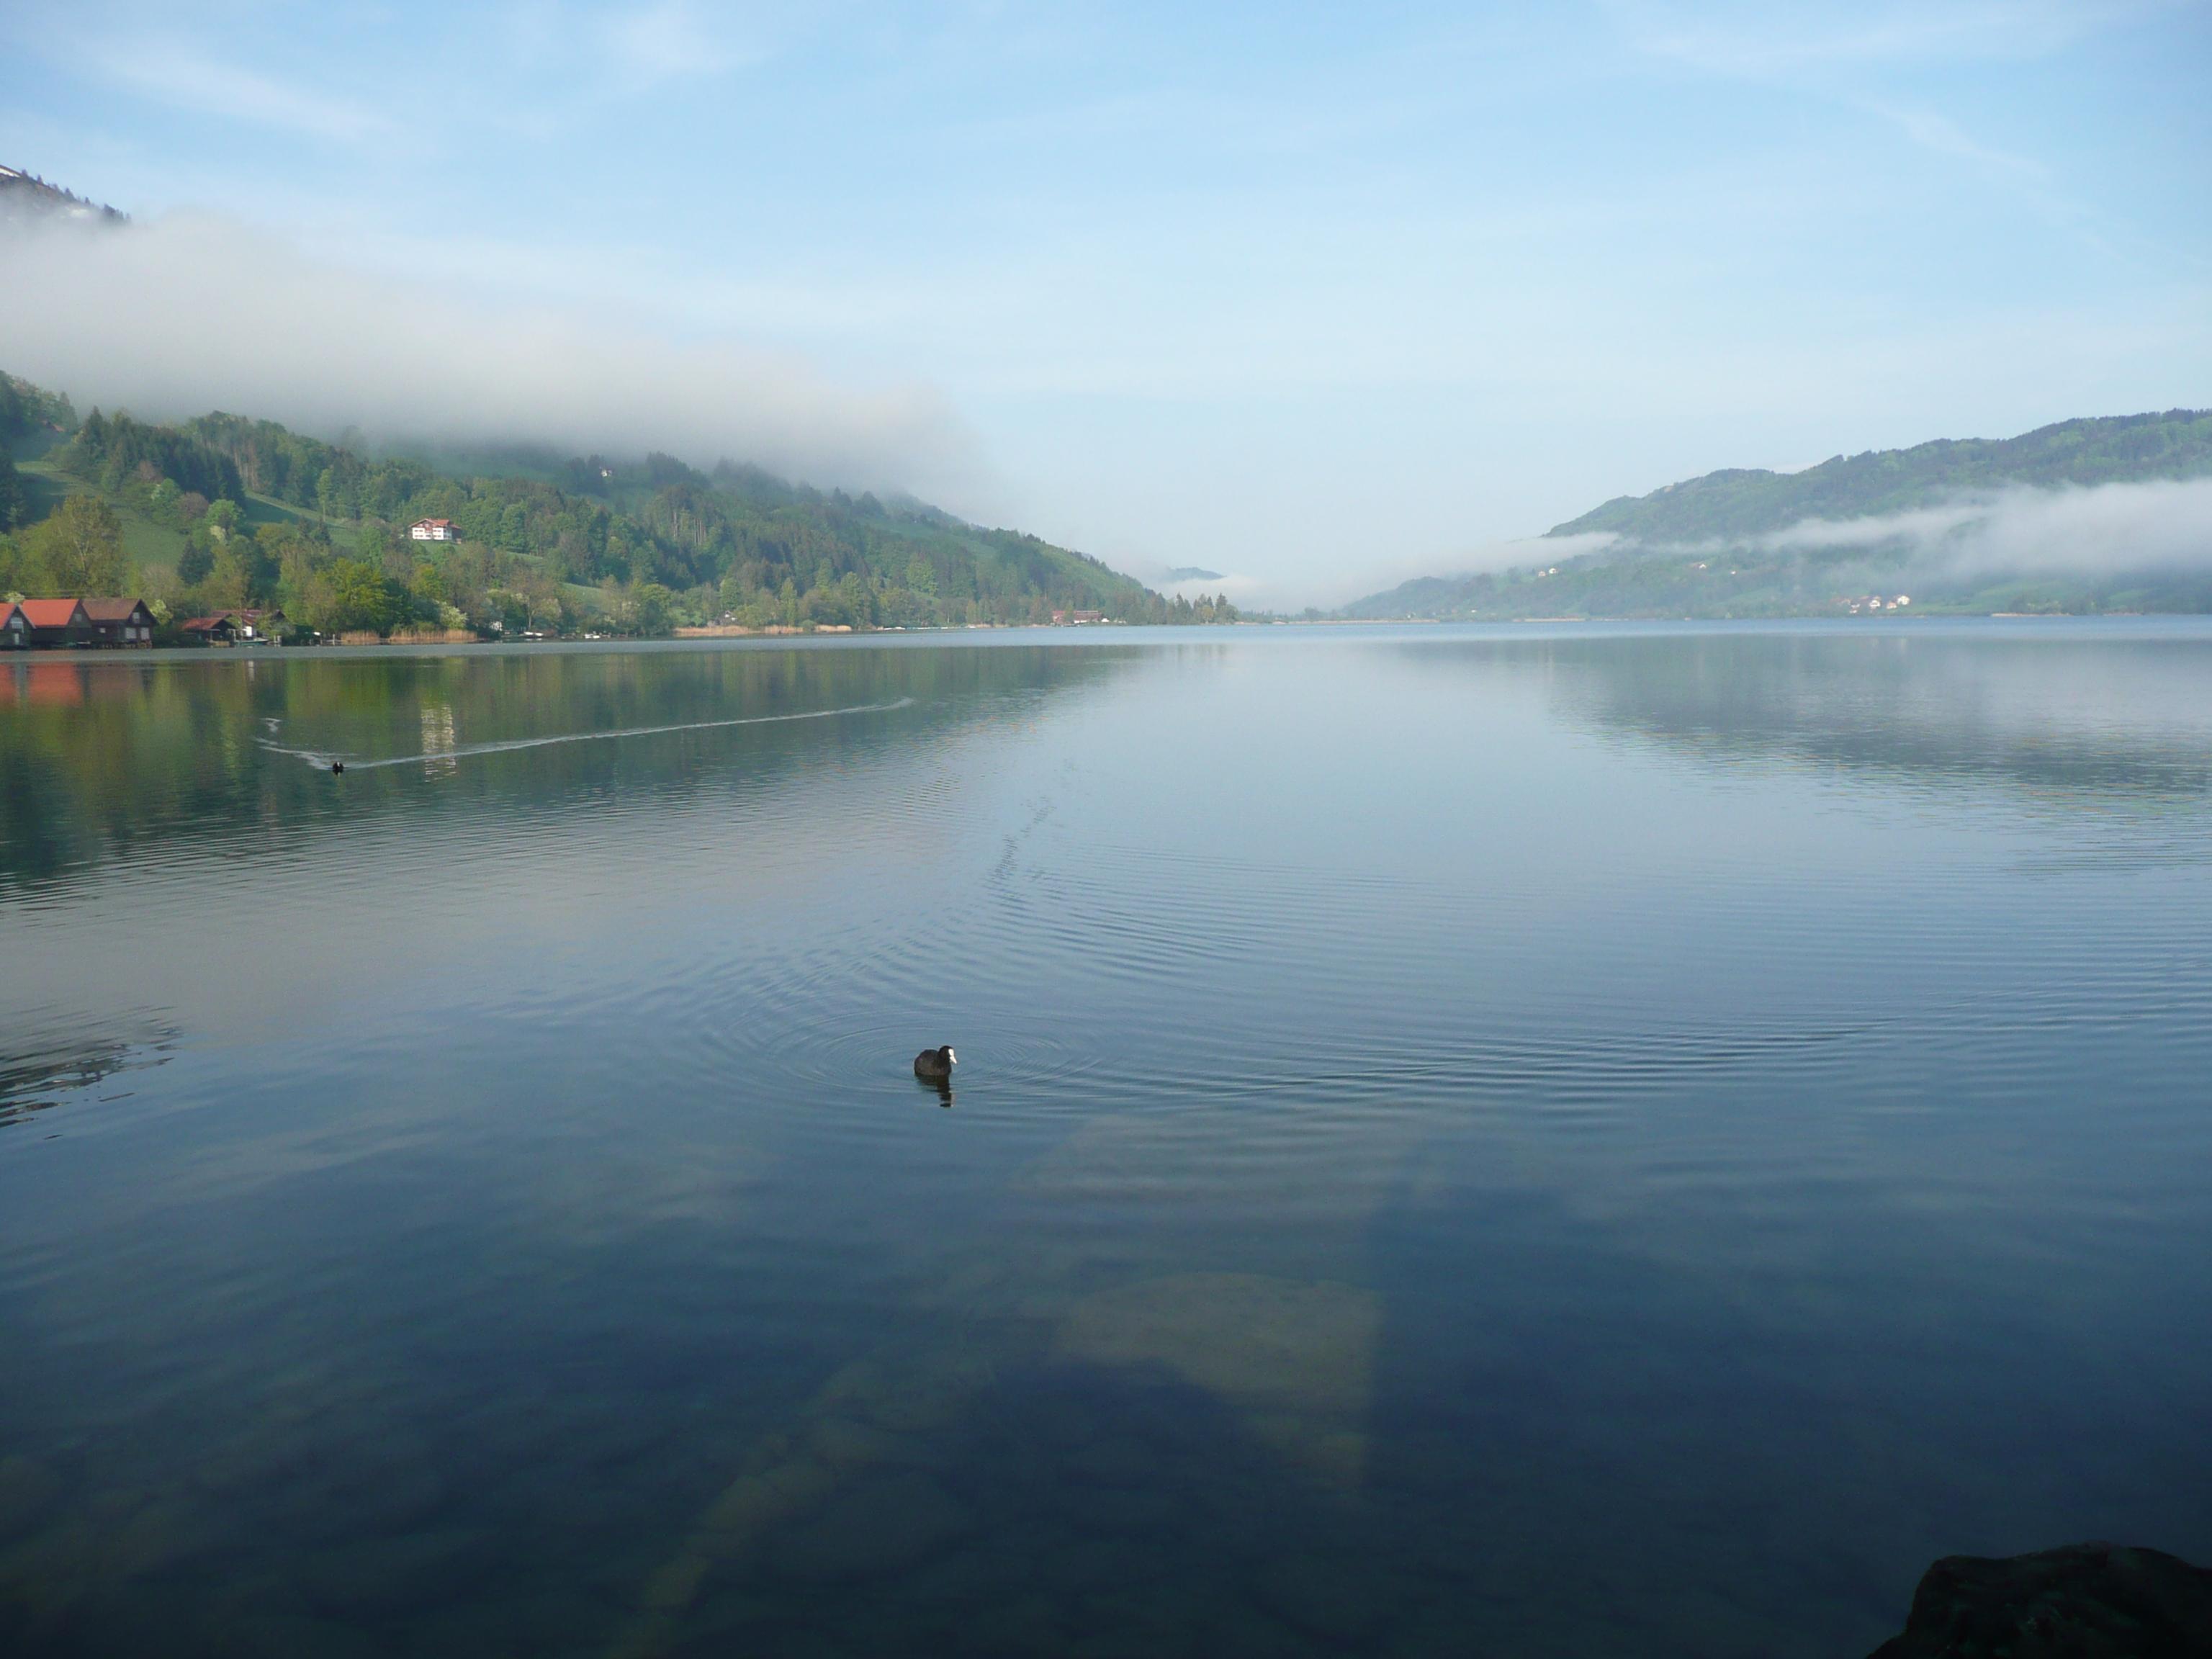 Een van de belangrijkste meren in de regio Allgau is de Alpsee. De watertemperatuur van dit meer is gemiddeld 17ºC.